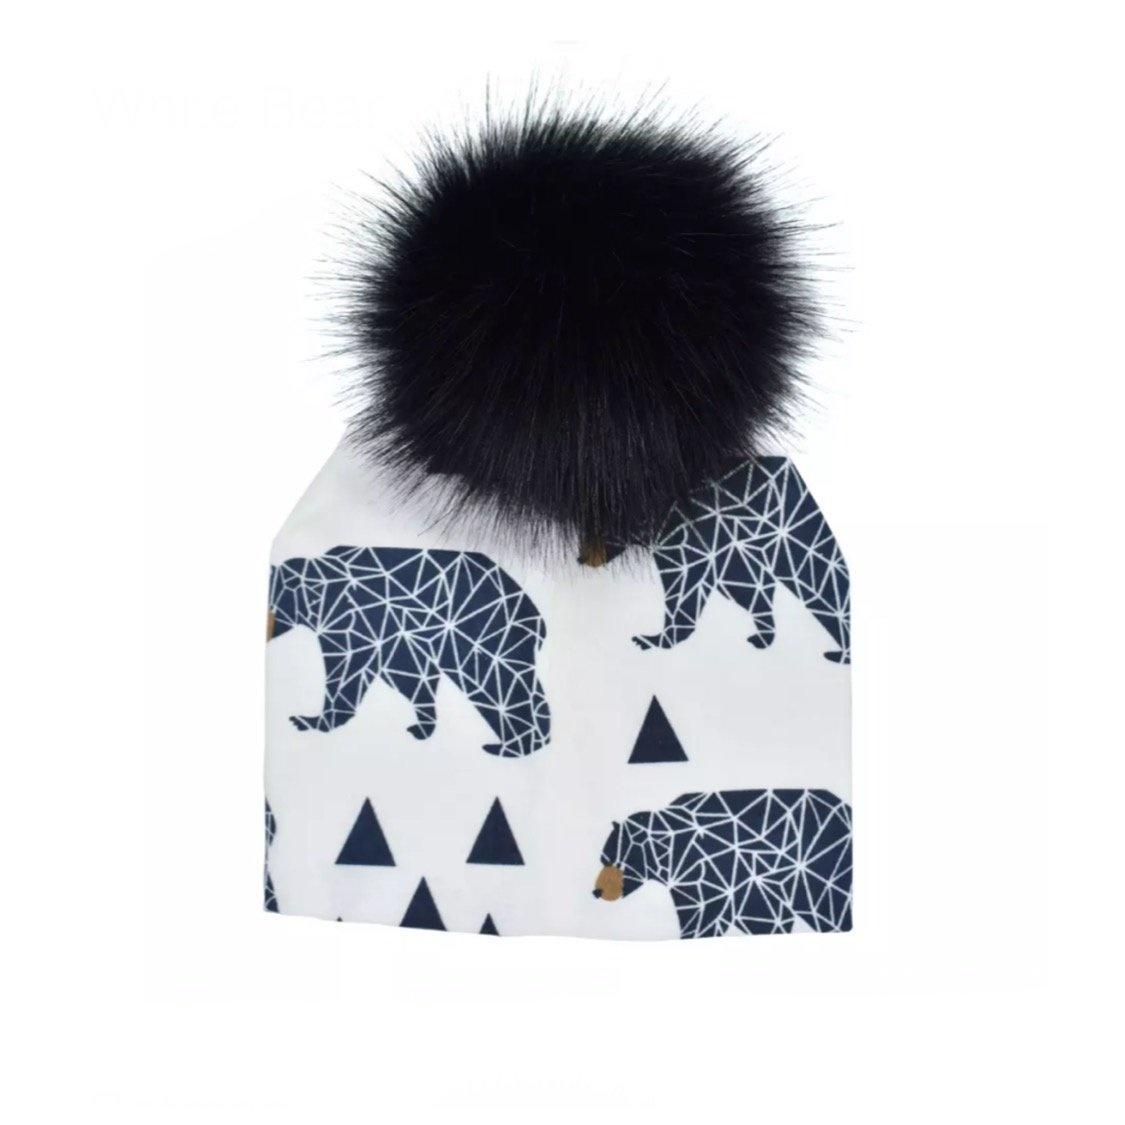 Tiny Trendsetter Bears Pom Beanie Hat